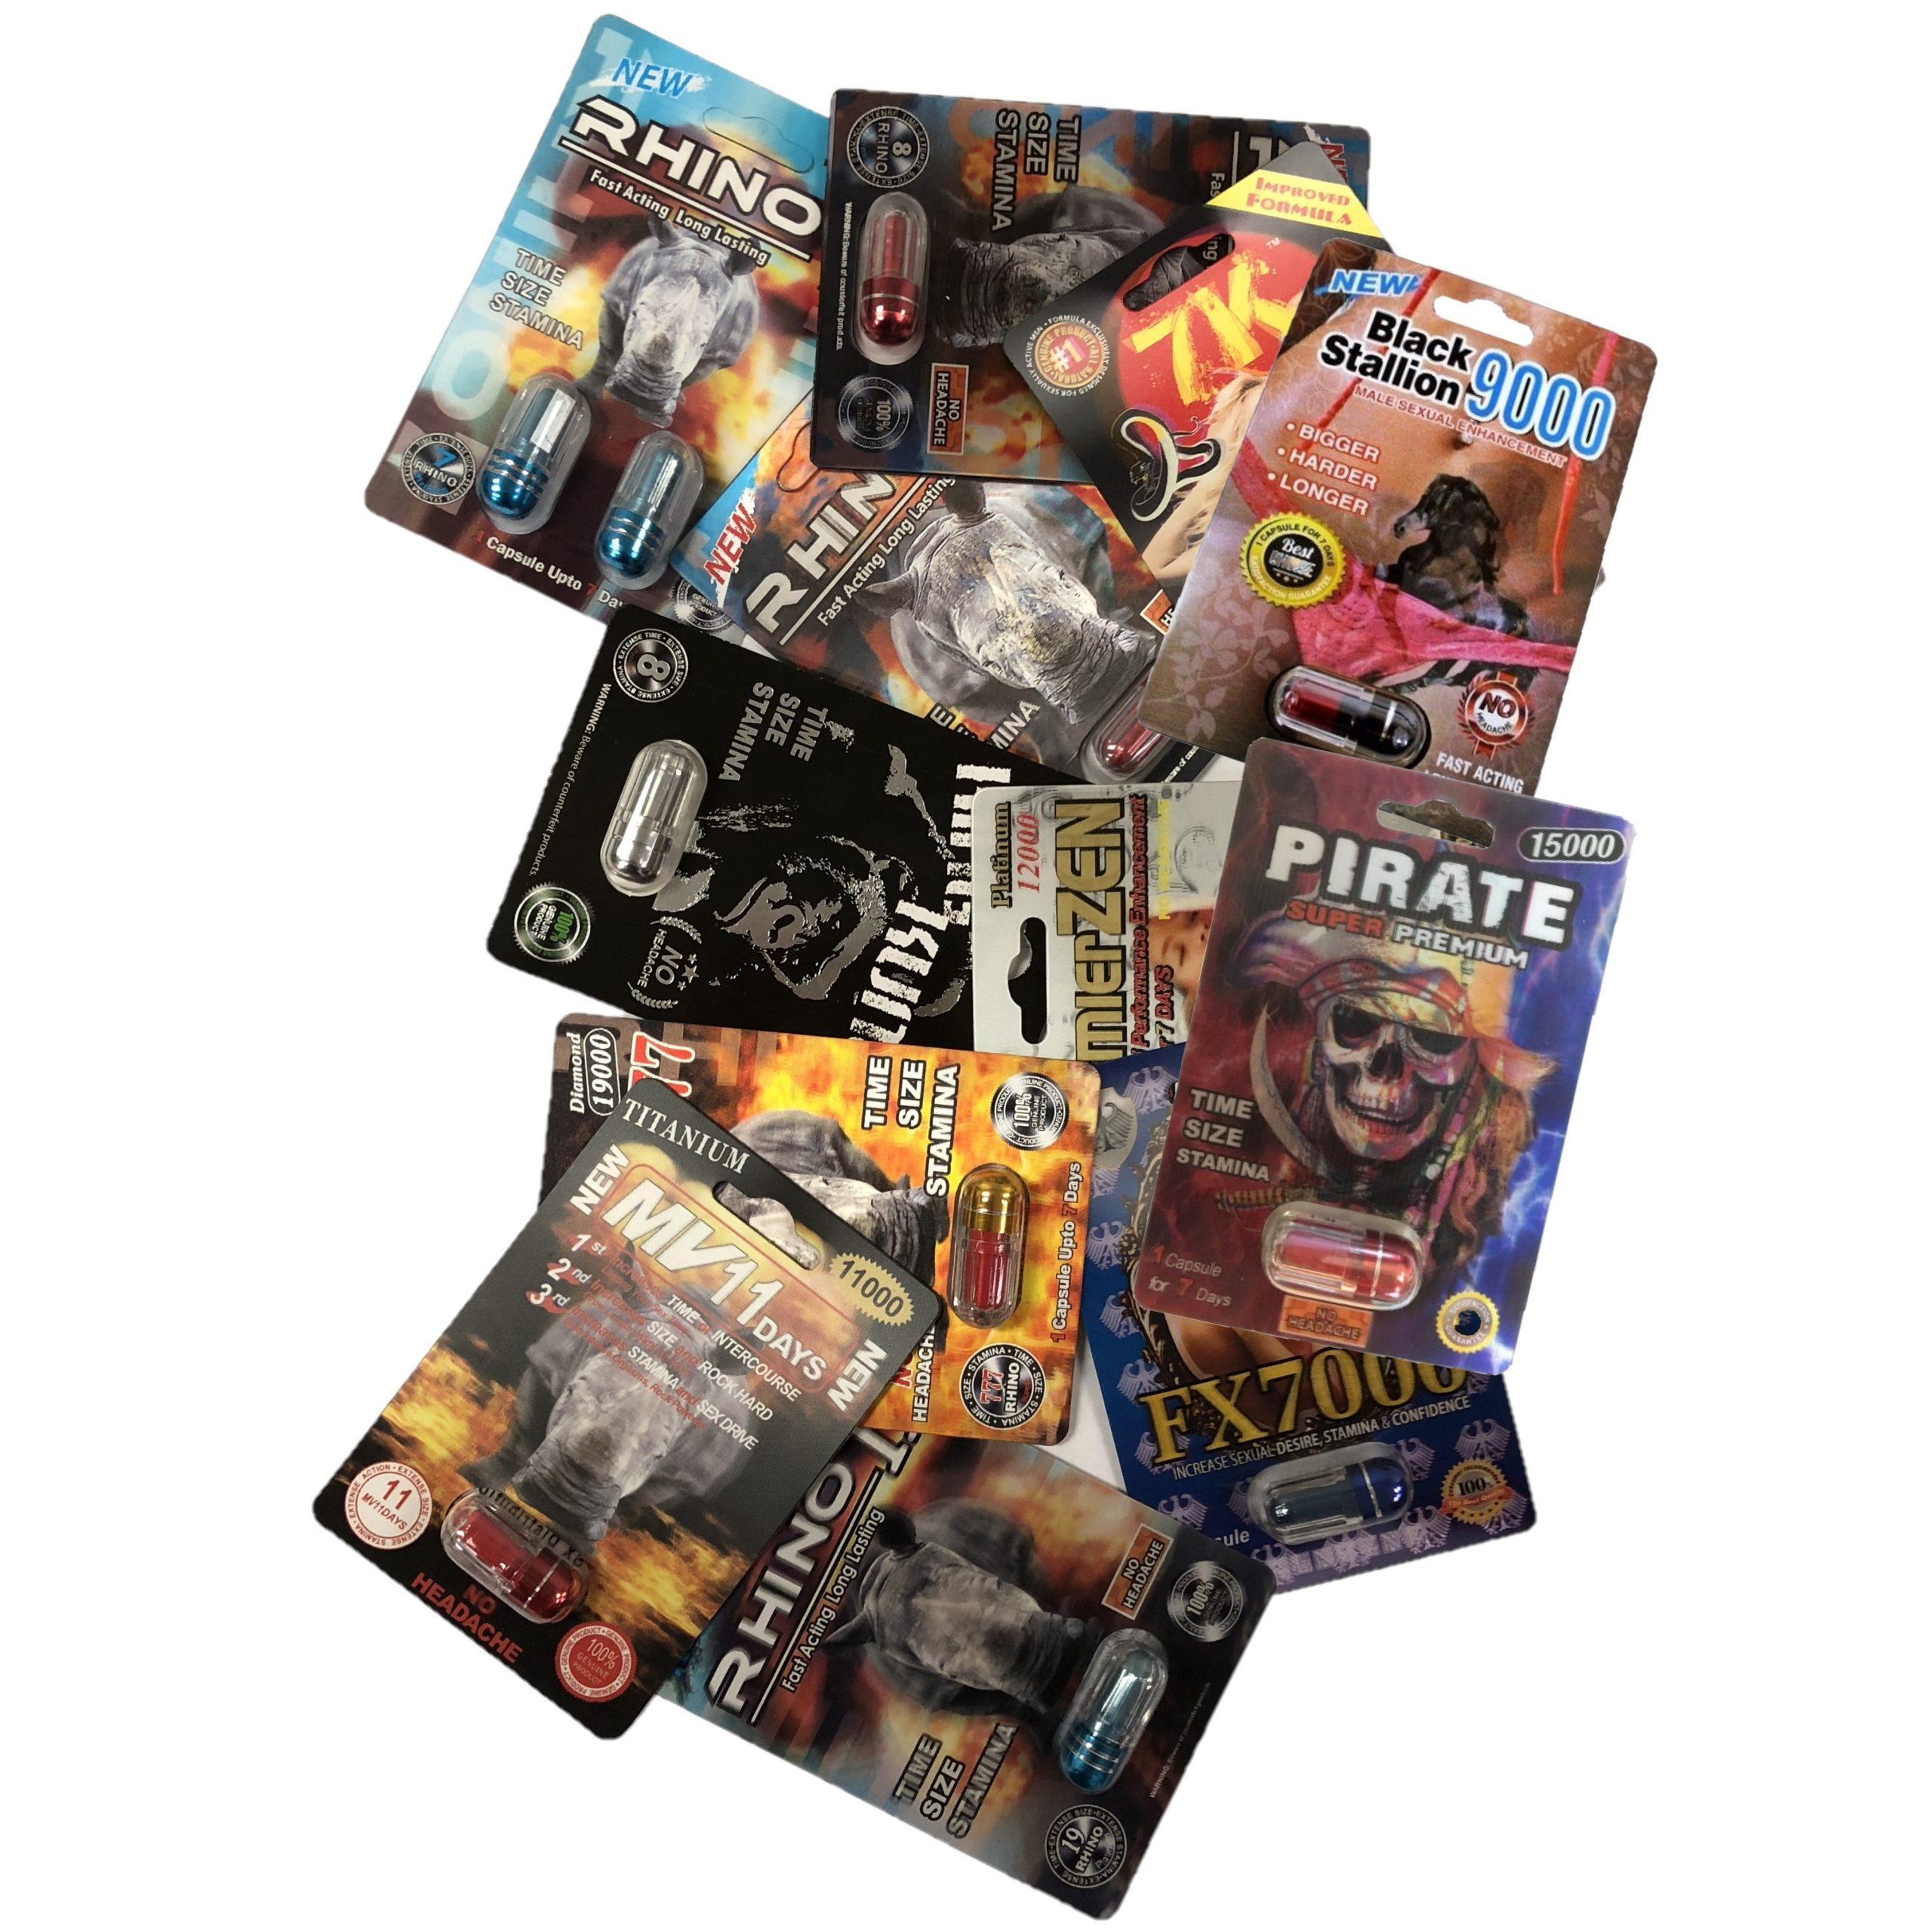 Rhino 6969 99 Platinum & More Variety Mix 24 Pill Pack